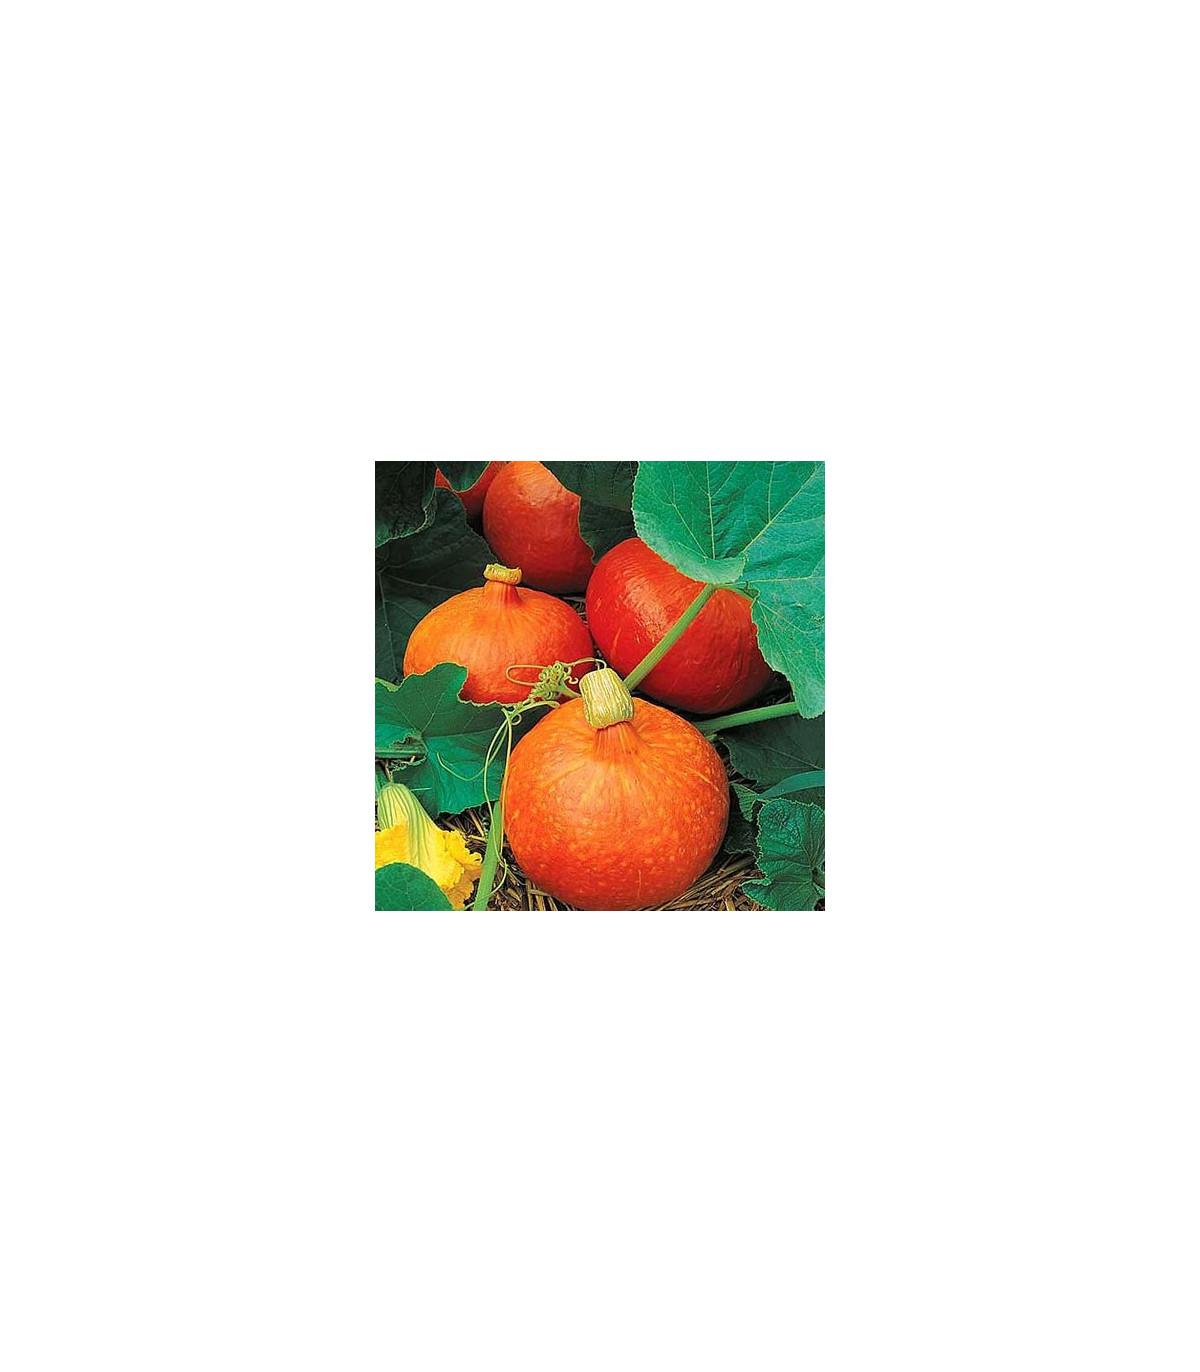 Dýně Uchiki Kuri - prodej semen dýně - 1 gr